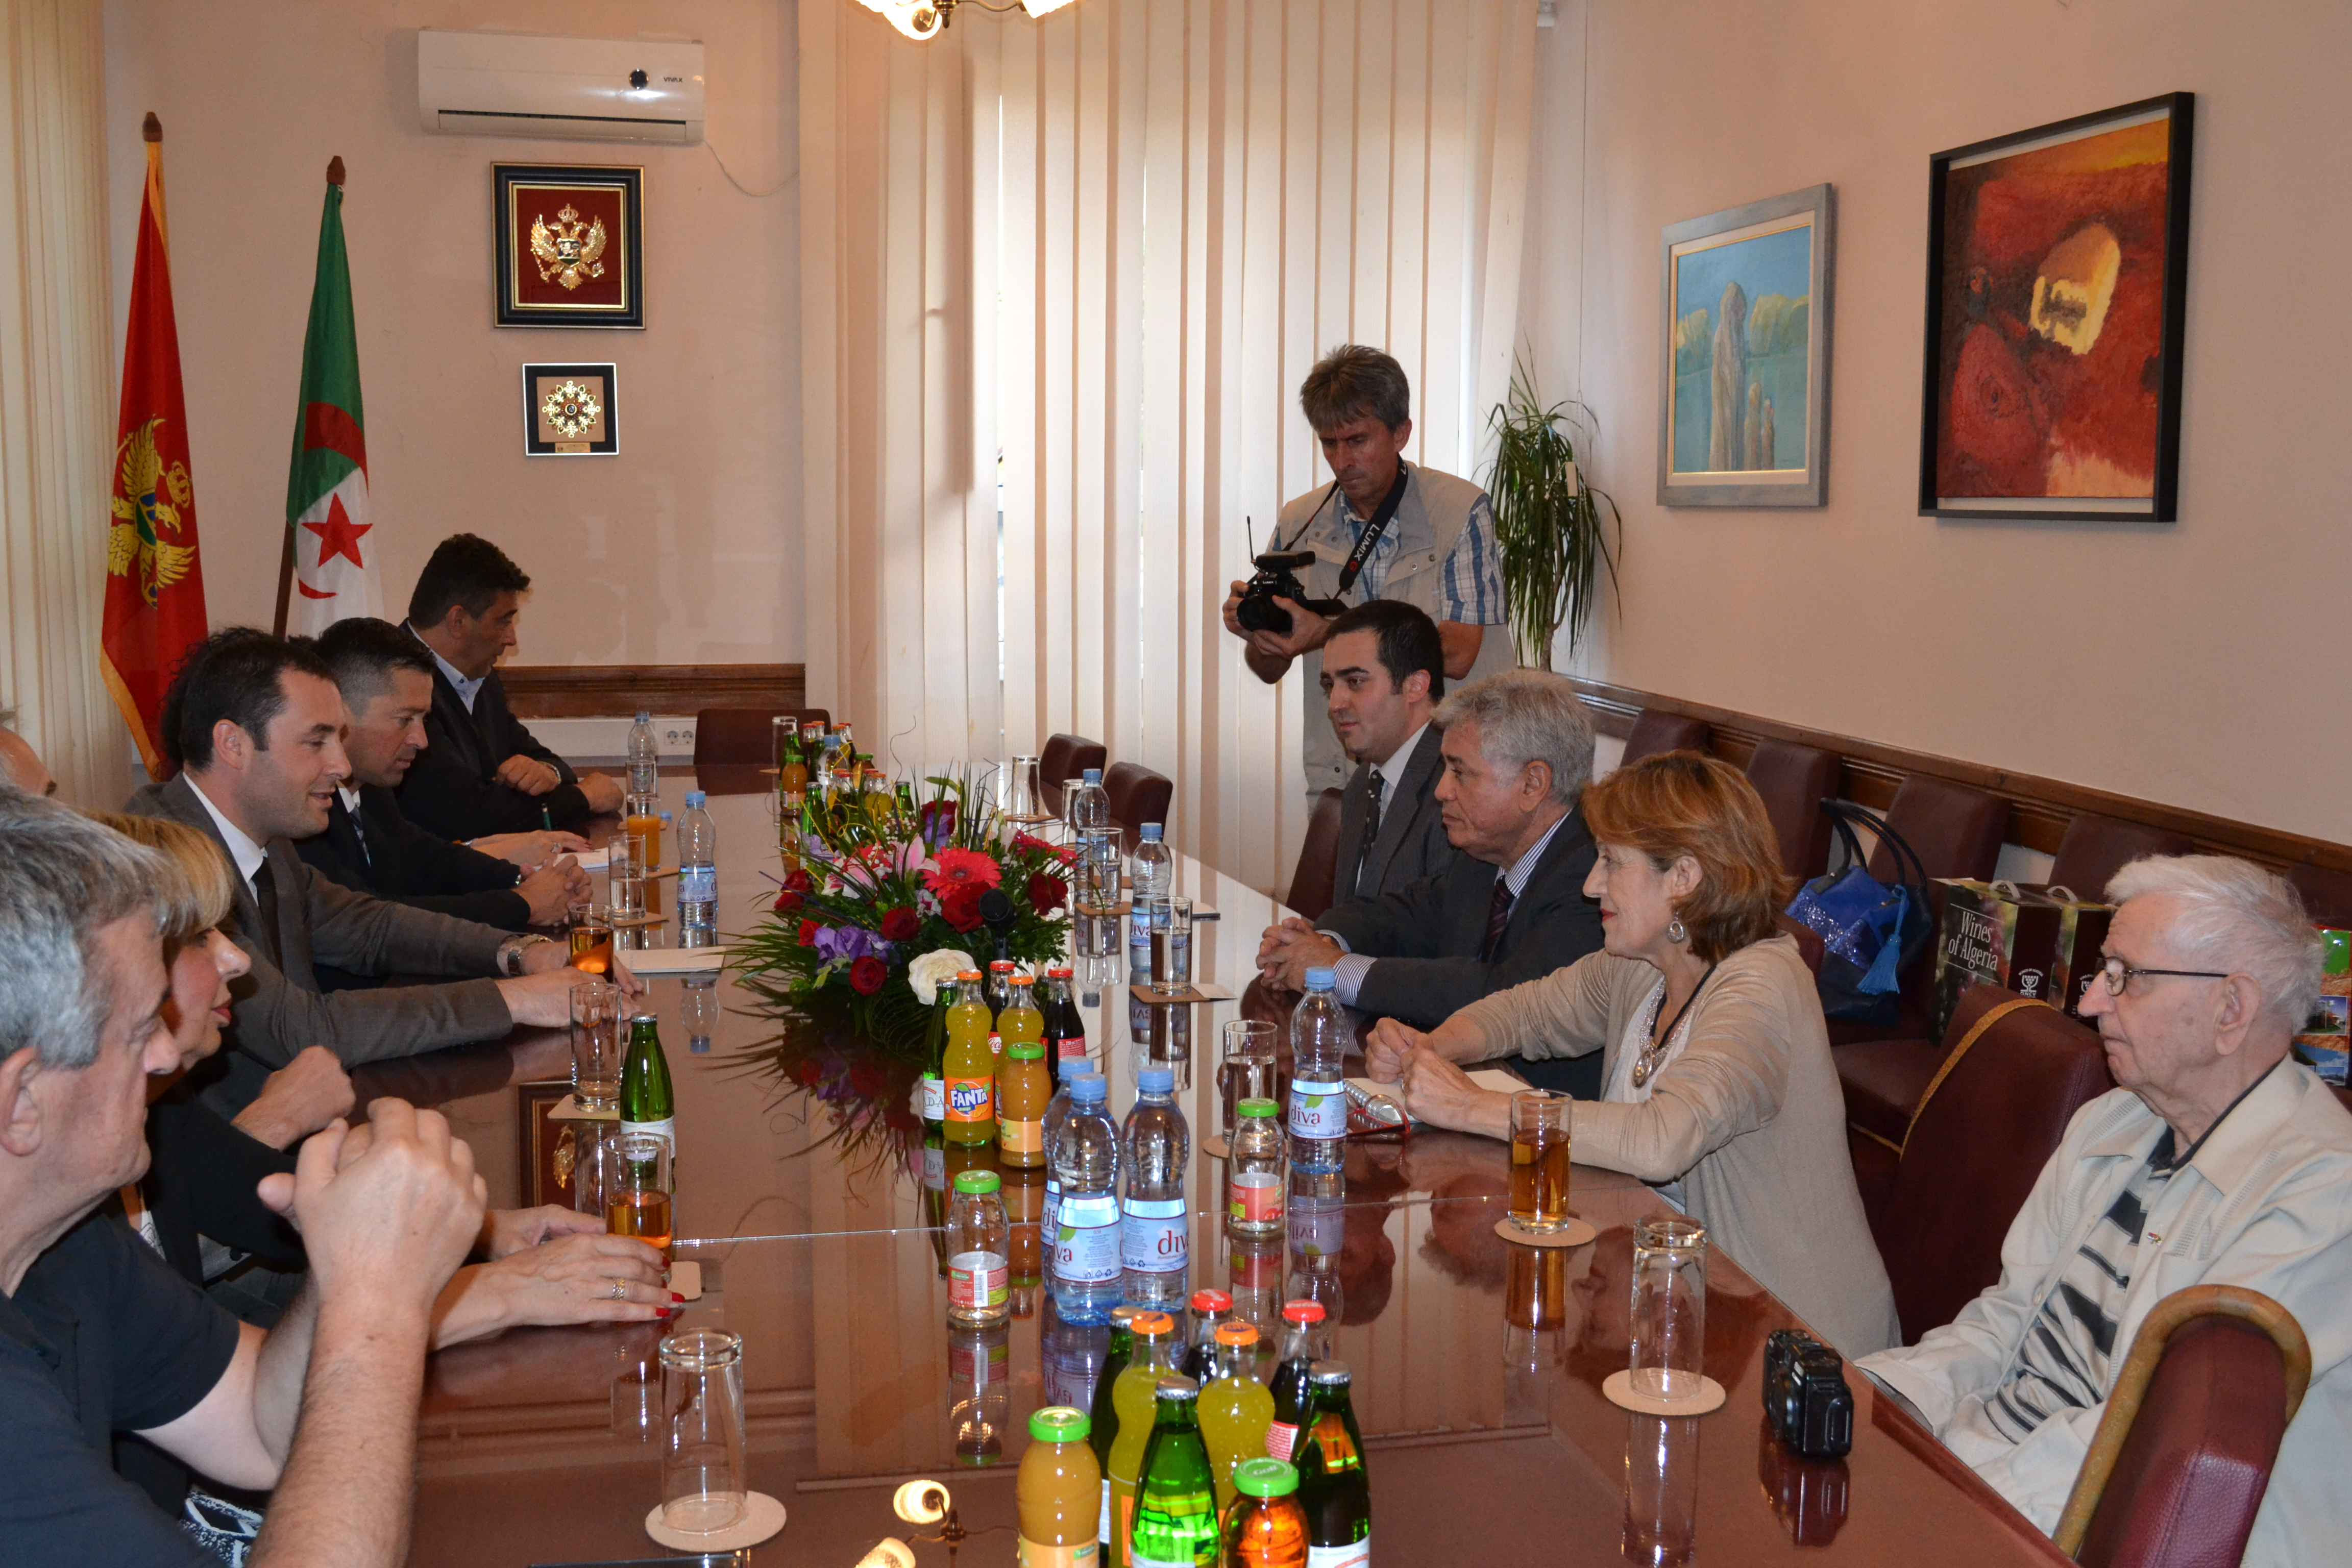 L'Ambassadeur d'Algérie au Monténégro s'entretient avec le Président de la Municipalité de Berane